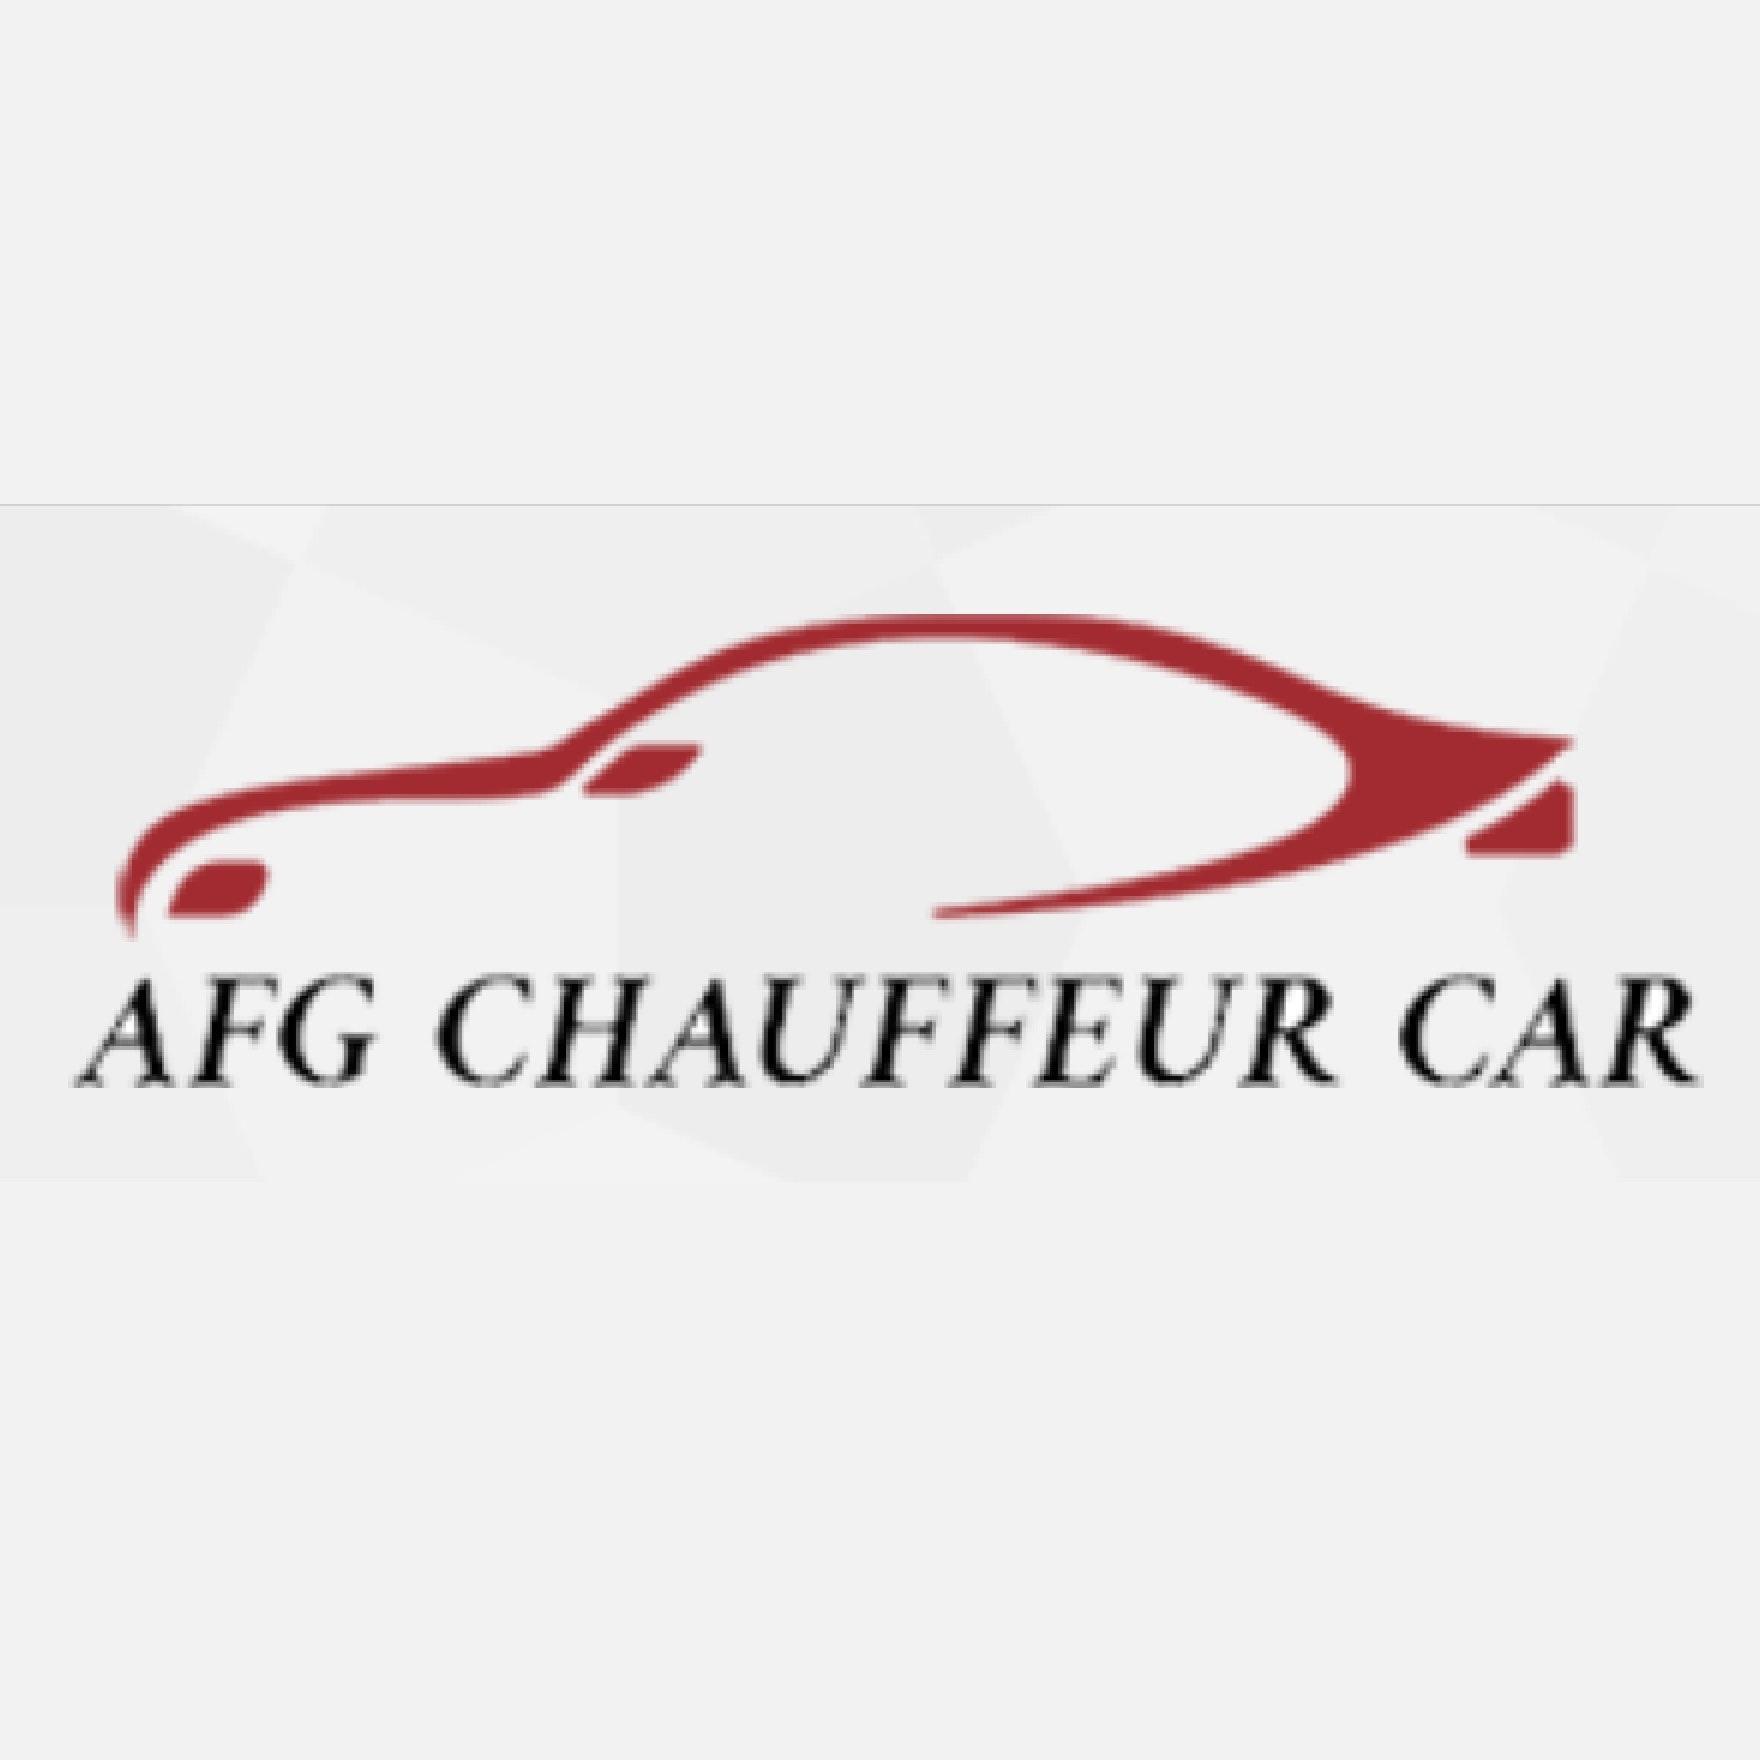 AFG CHAUFFEUR CAR logo